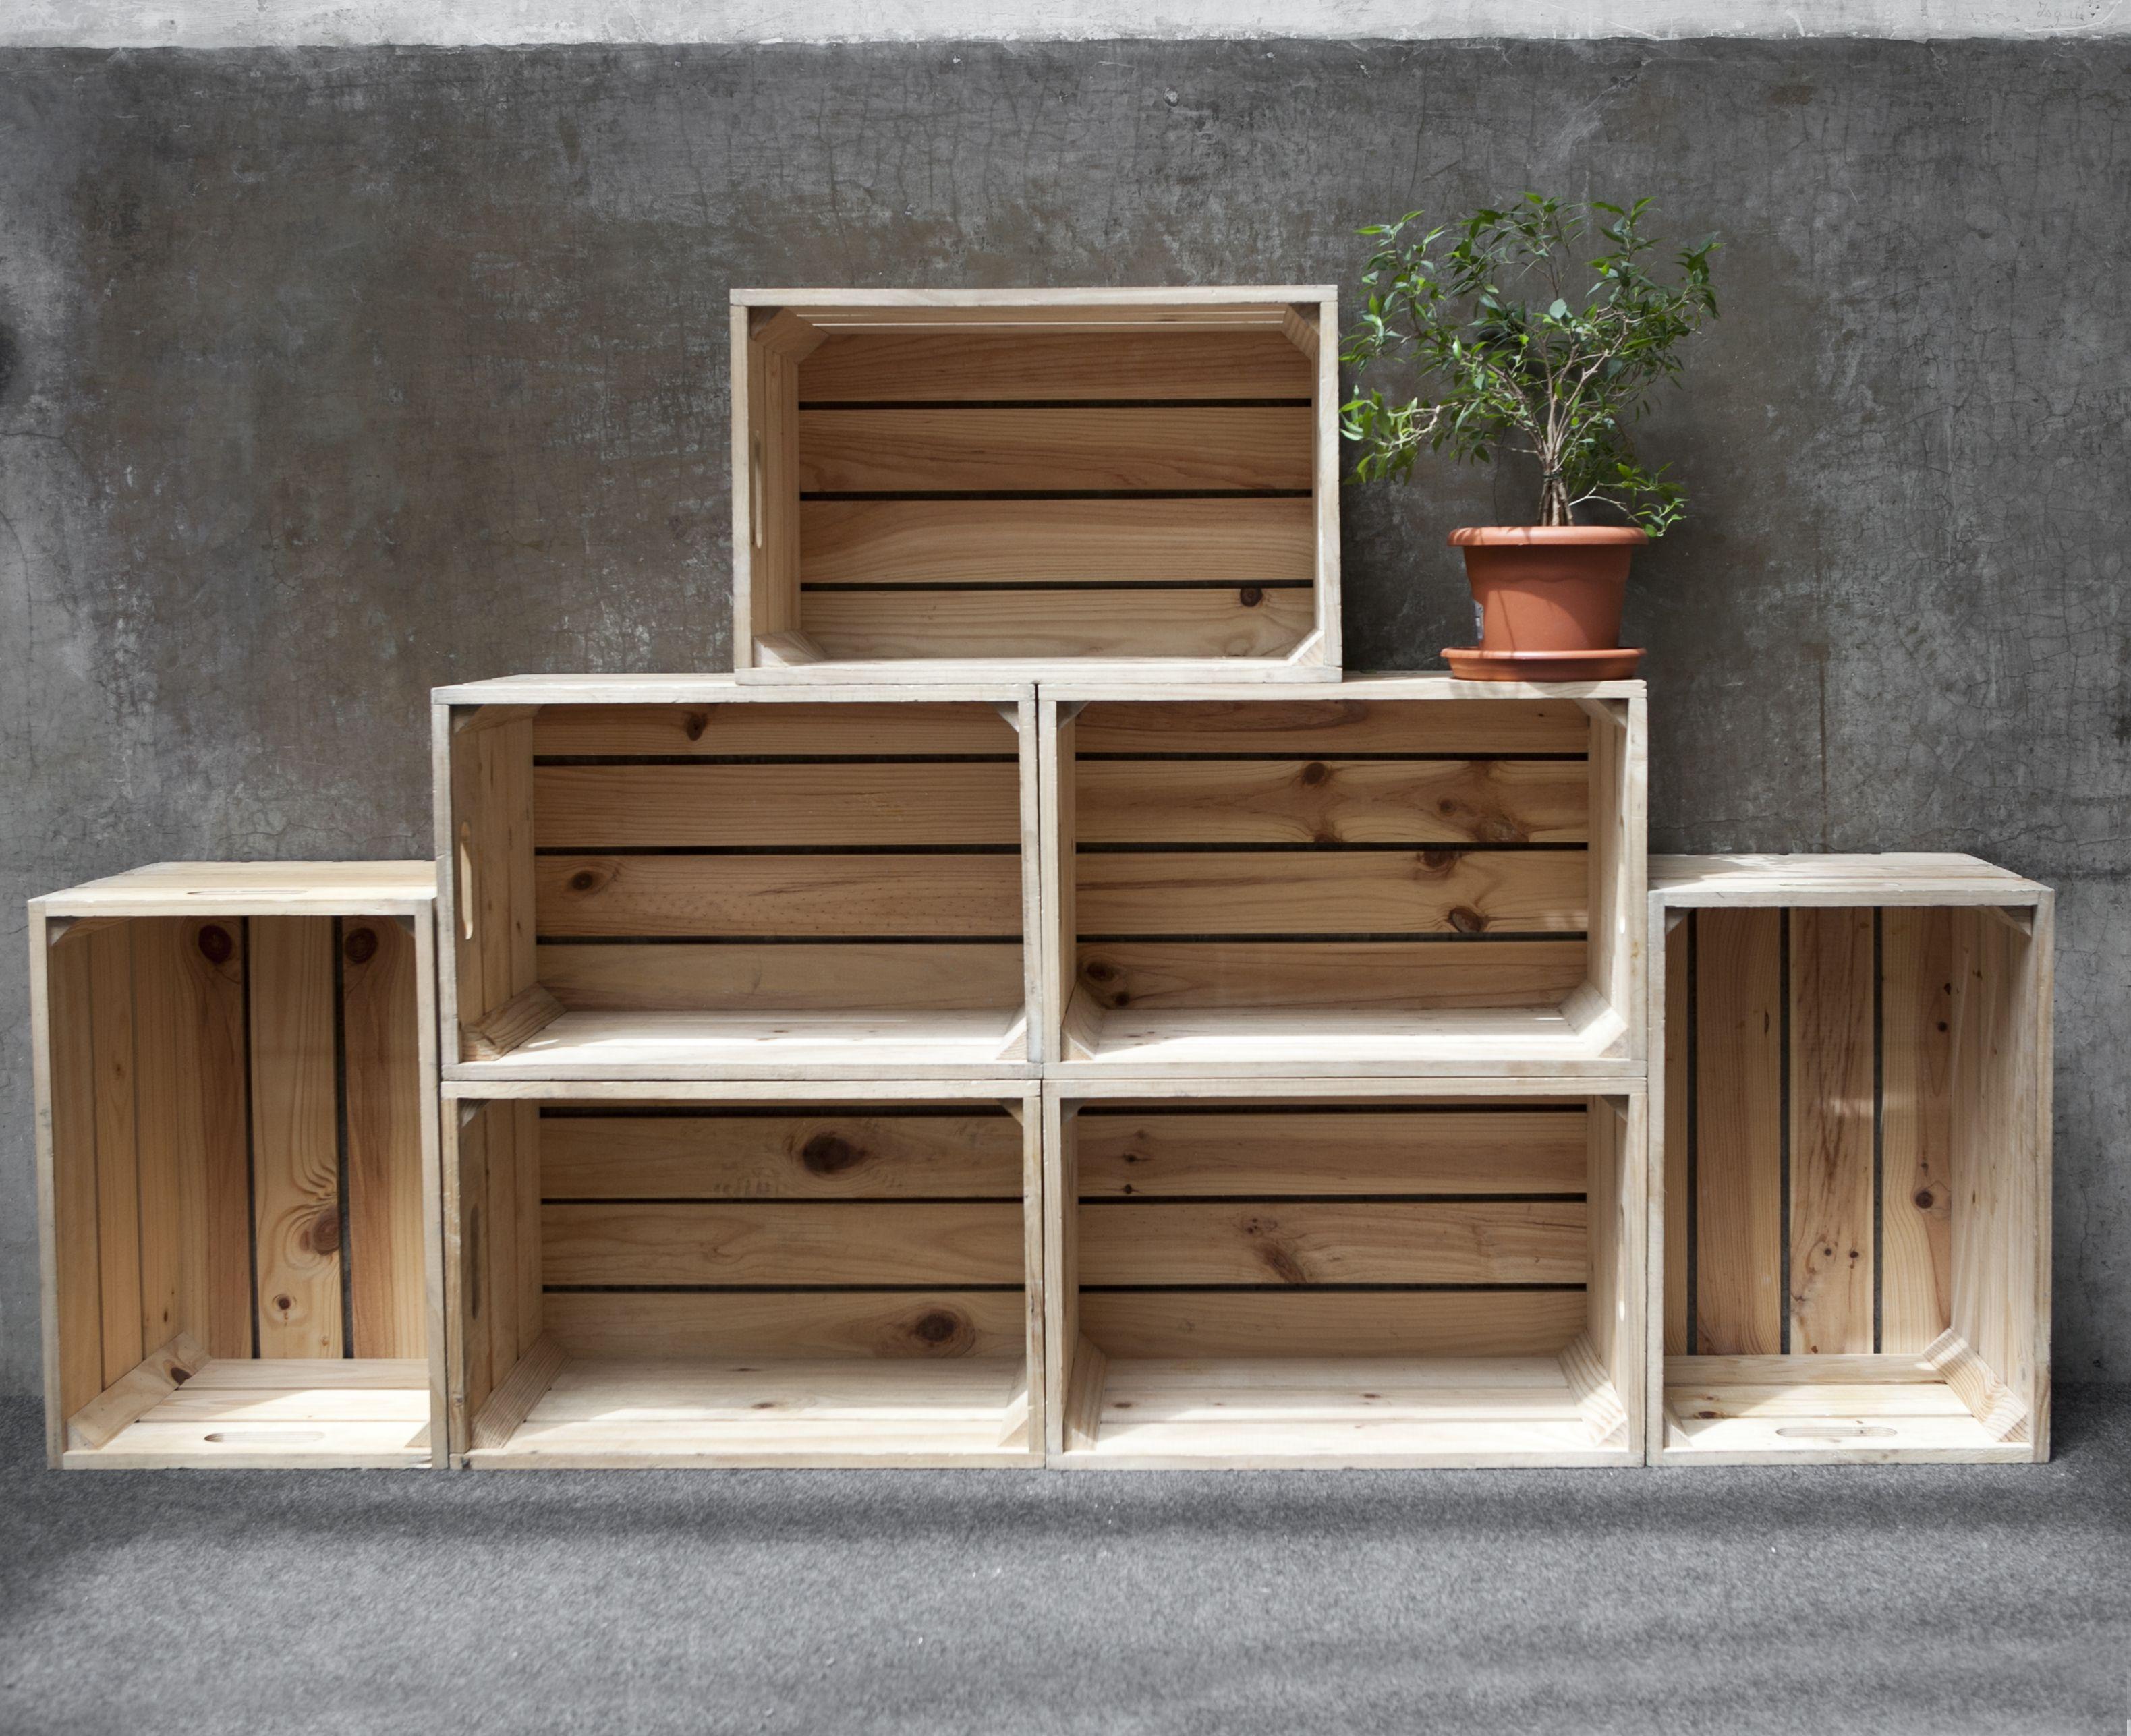 Cajas de madera clara | Cajas de fruta, Fruta y Cajas